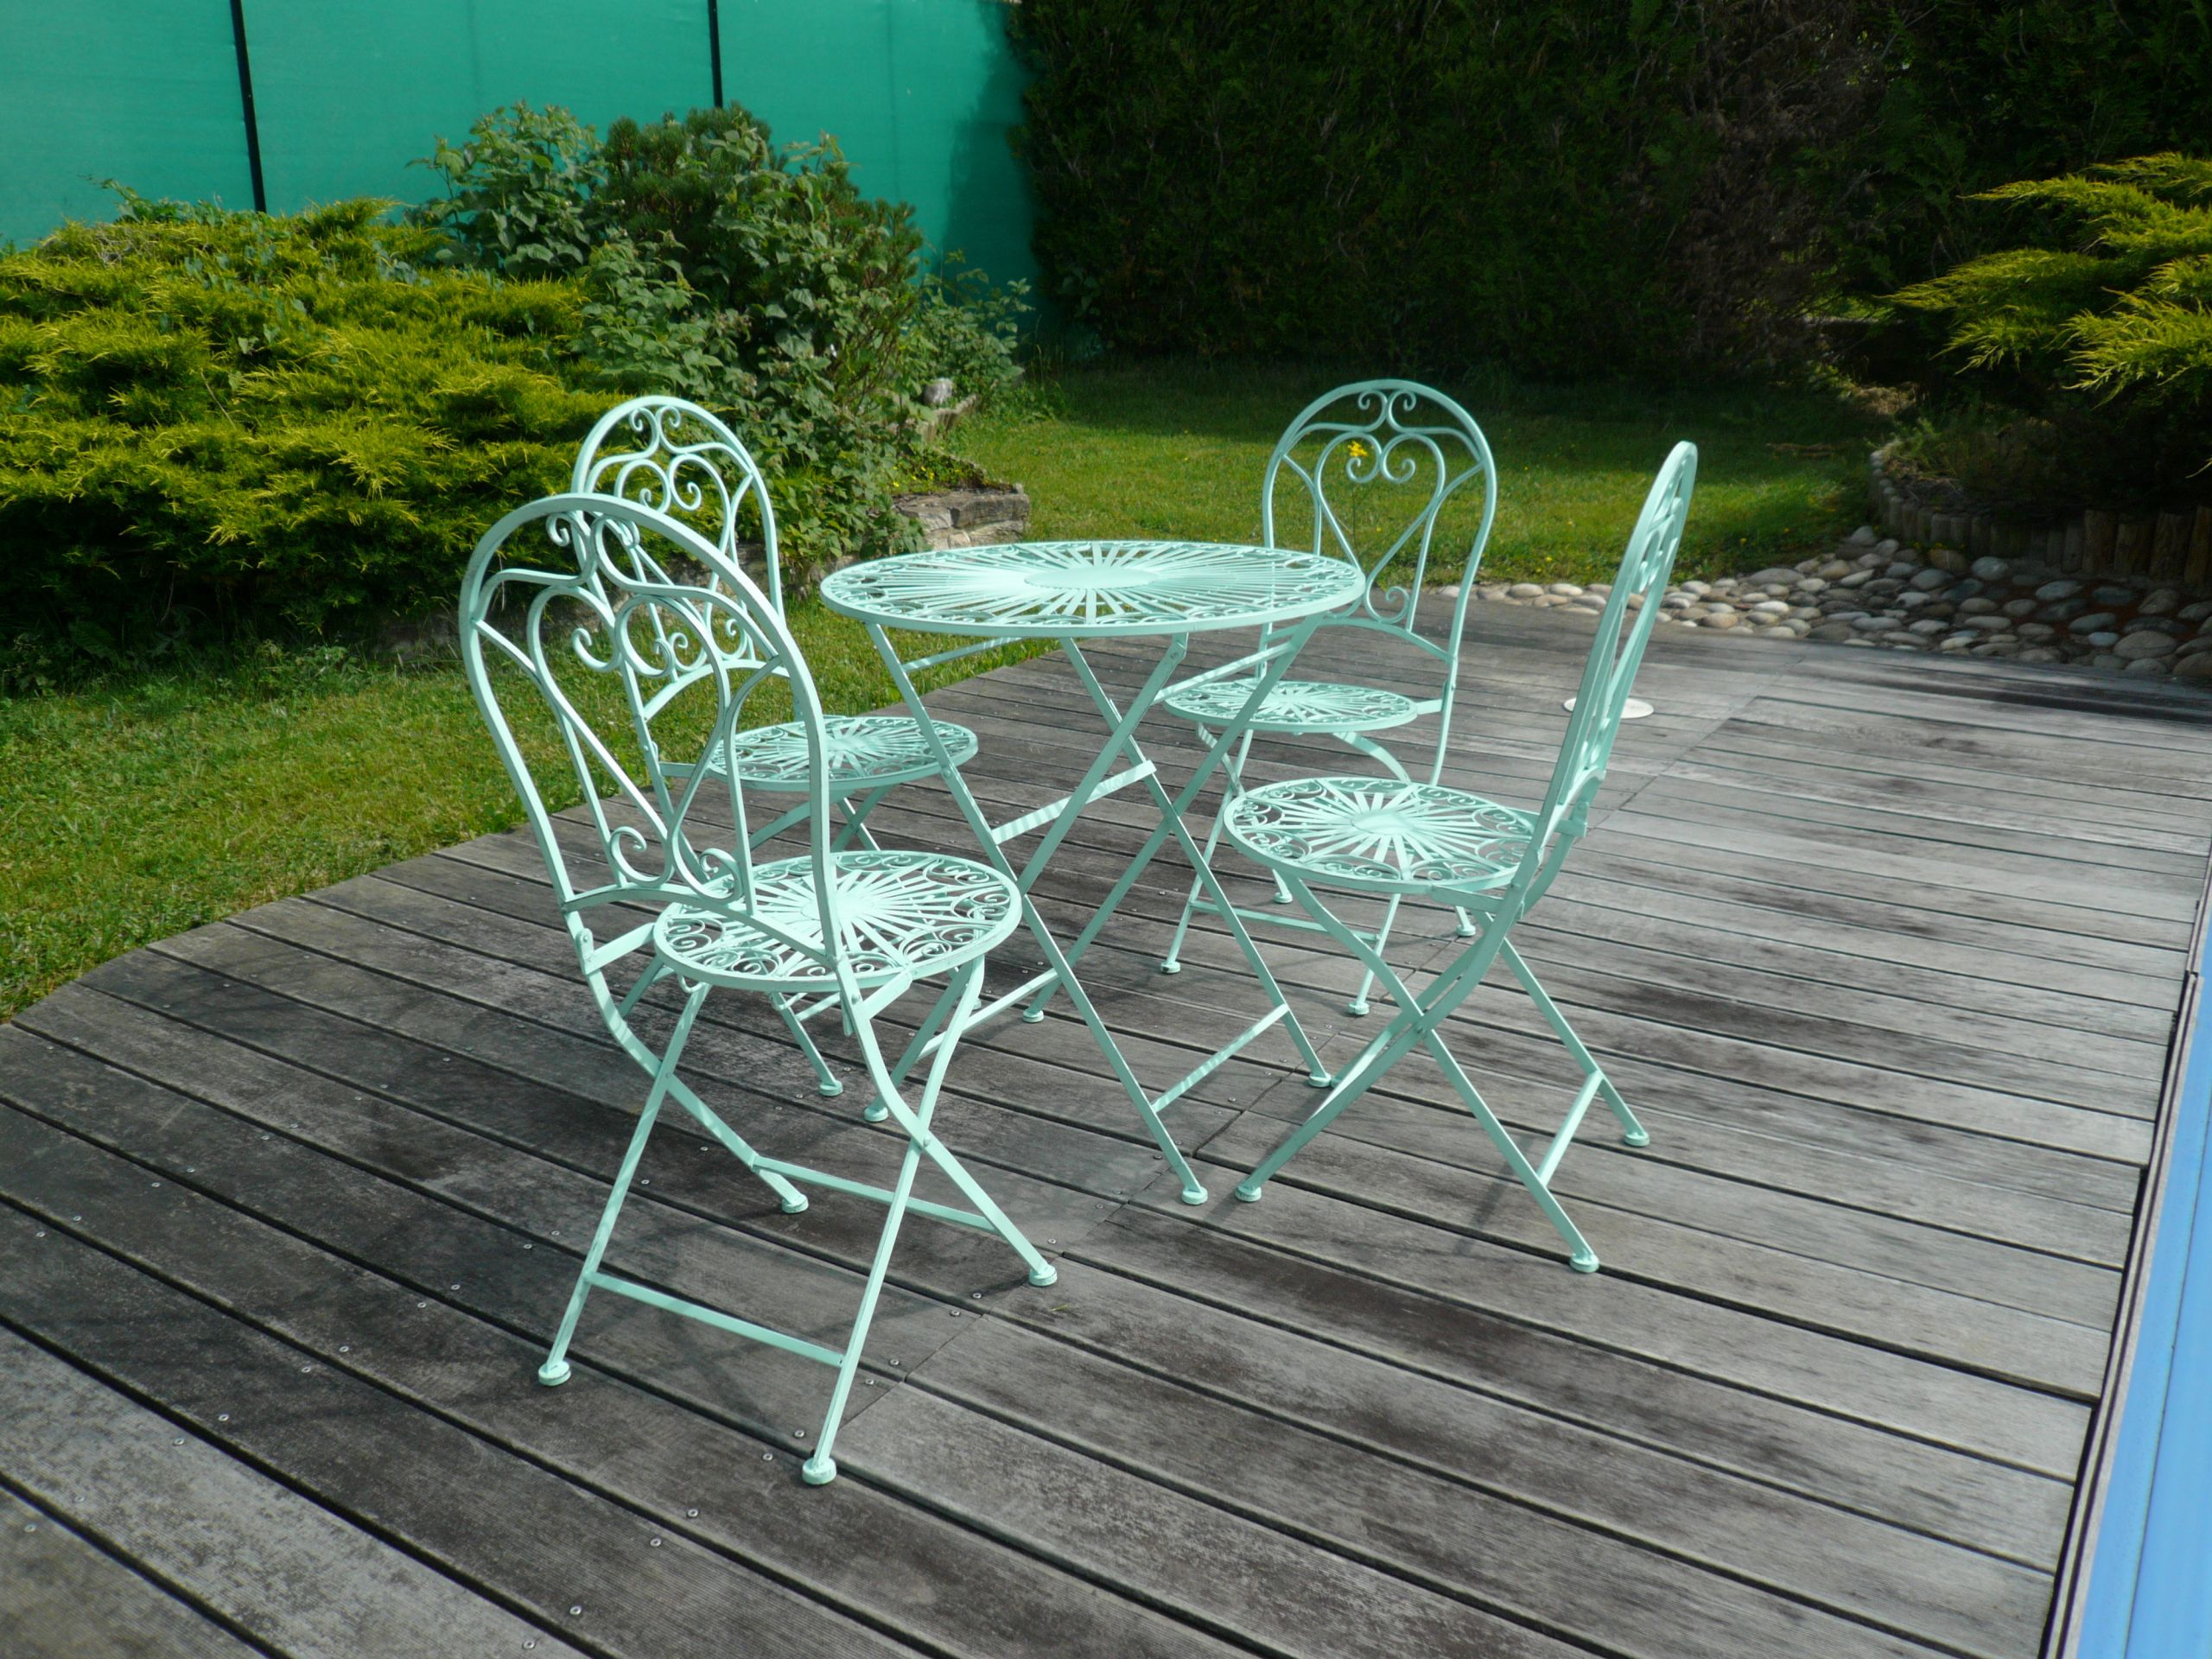 Salon De Jardin Fer Forgã© Choisir Son Salon De Jardin En ... avec Salon De Jardin En Fer Forgé